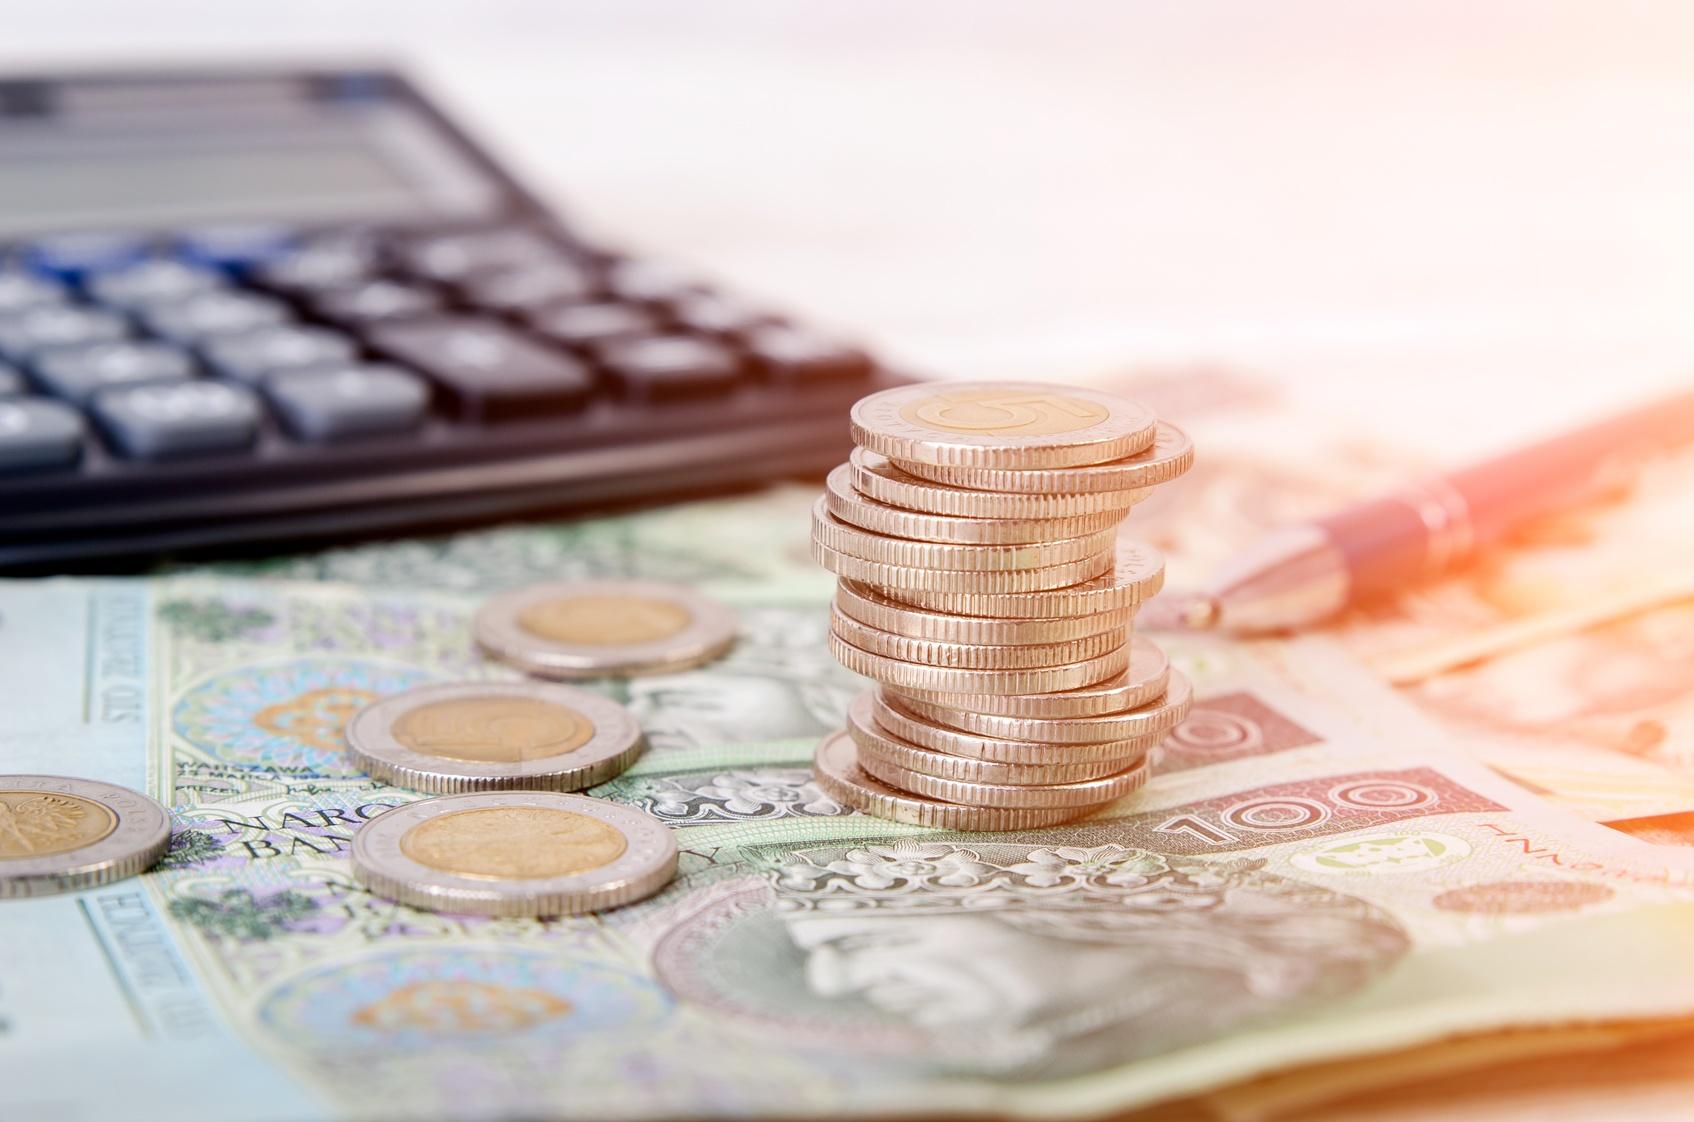 Kontrahent jest Ci winny pieniądze? Chcesz szybko i skutecznie odzyskać dług?